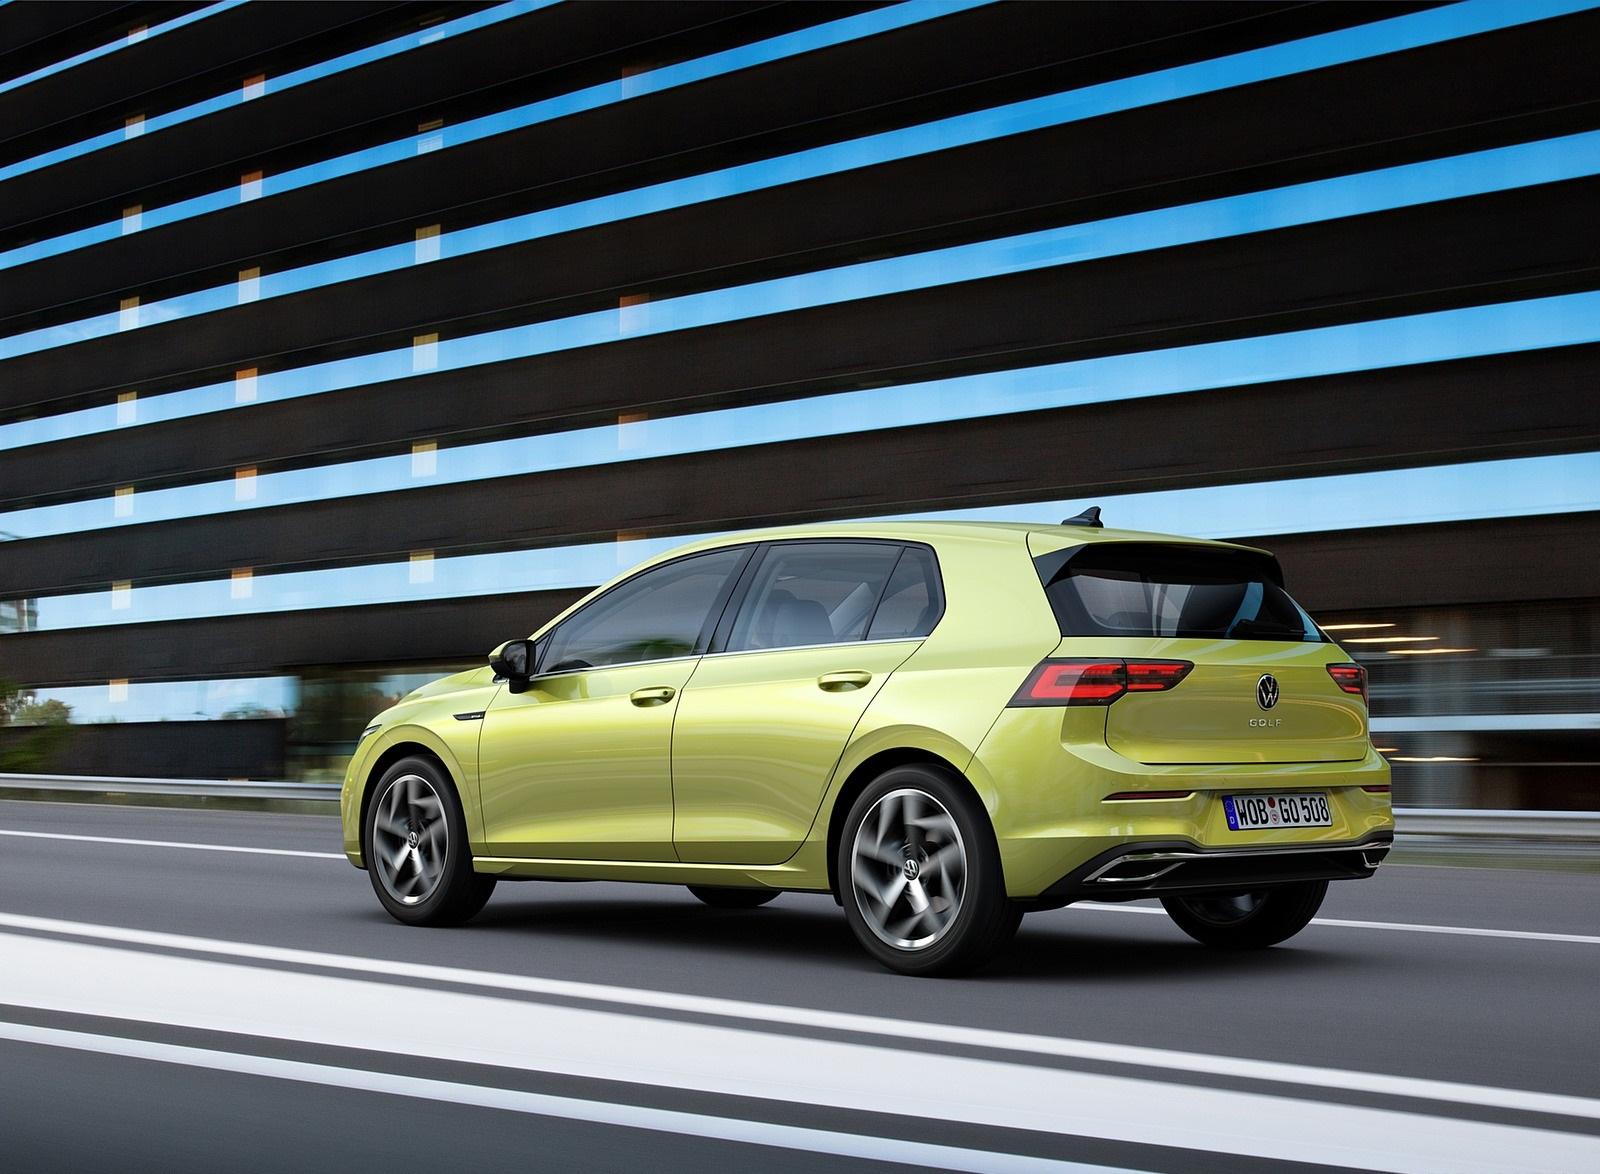 2020 Volkswagen Golf Mk8 Rear Three-Quarter Wallpapers (4)